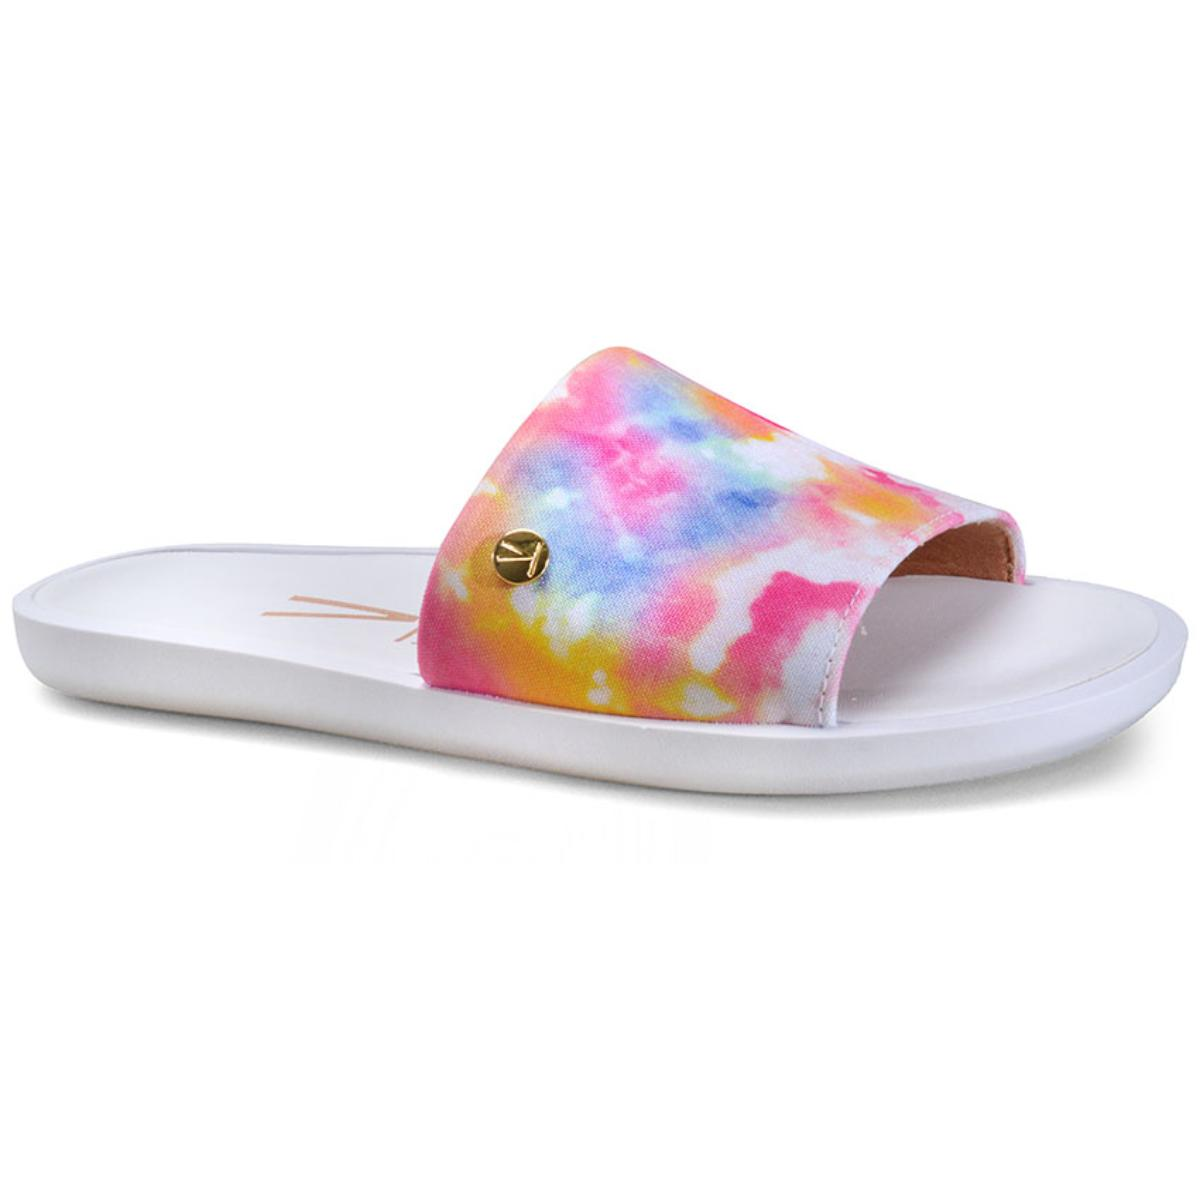 Chinelo Feminino Vizzano 6363105 Tie Dye Multi Color